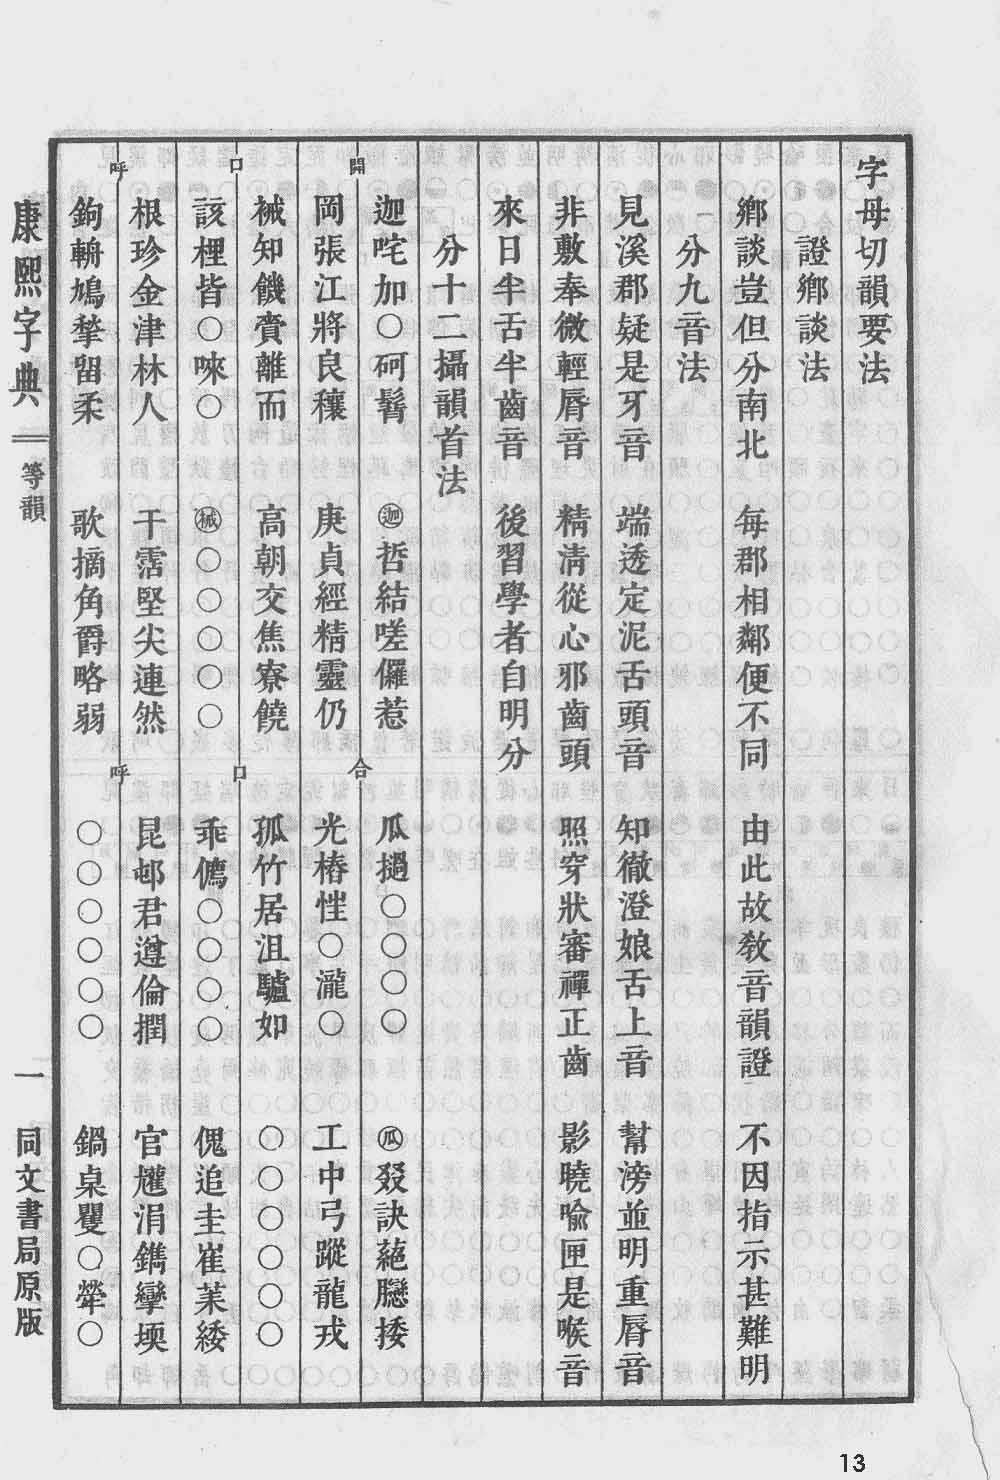 《康熙字典》第13页